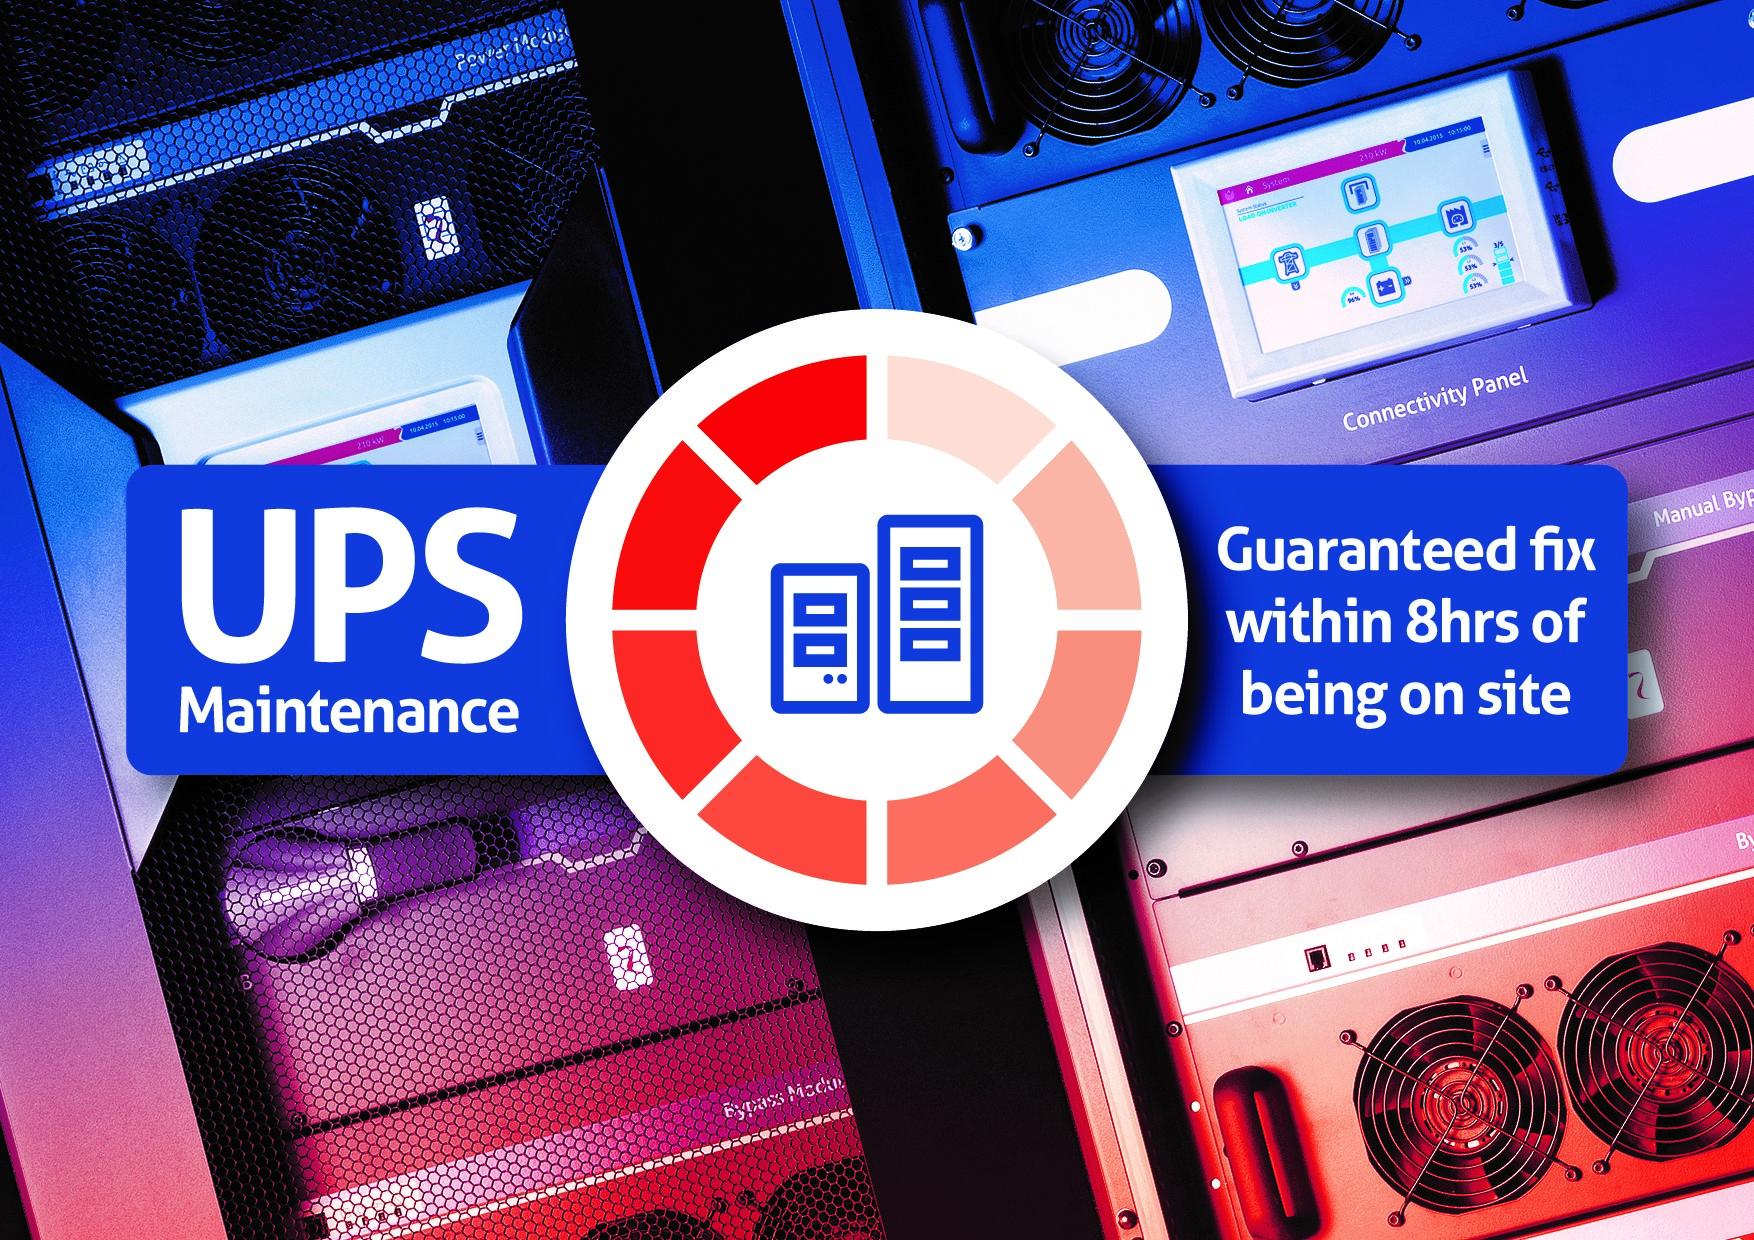 Aros ups 30kva service manual ebook array riello ups 3000 manuals ebook rh riello ups 3000 manuals ebook milesfiles de fandeluxe Image collections